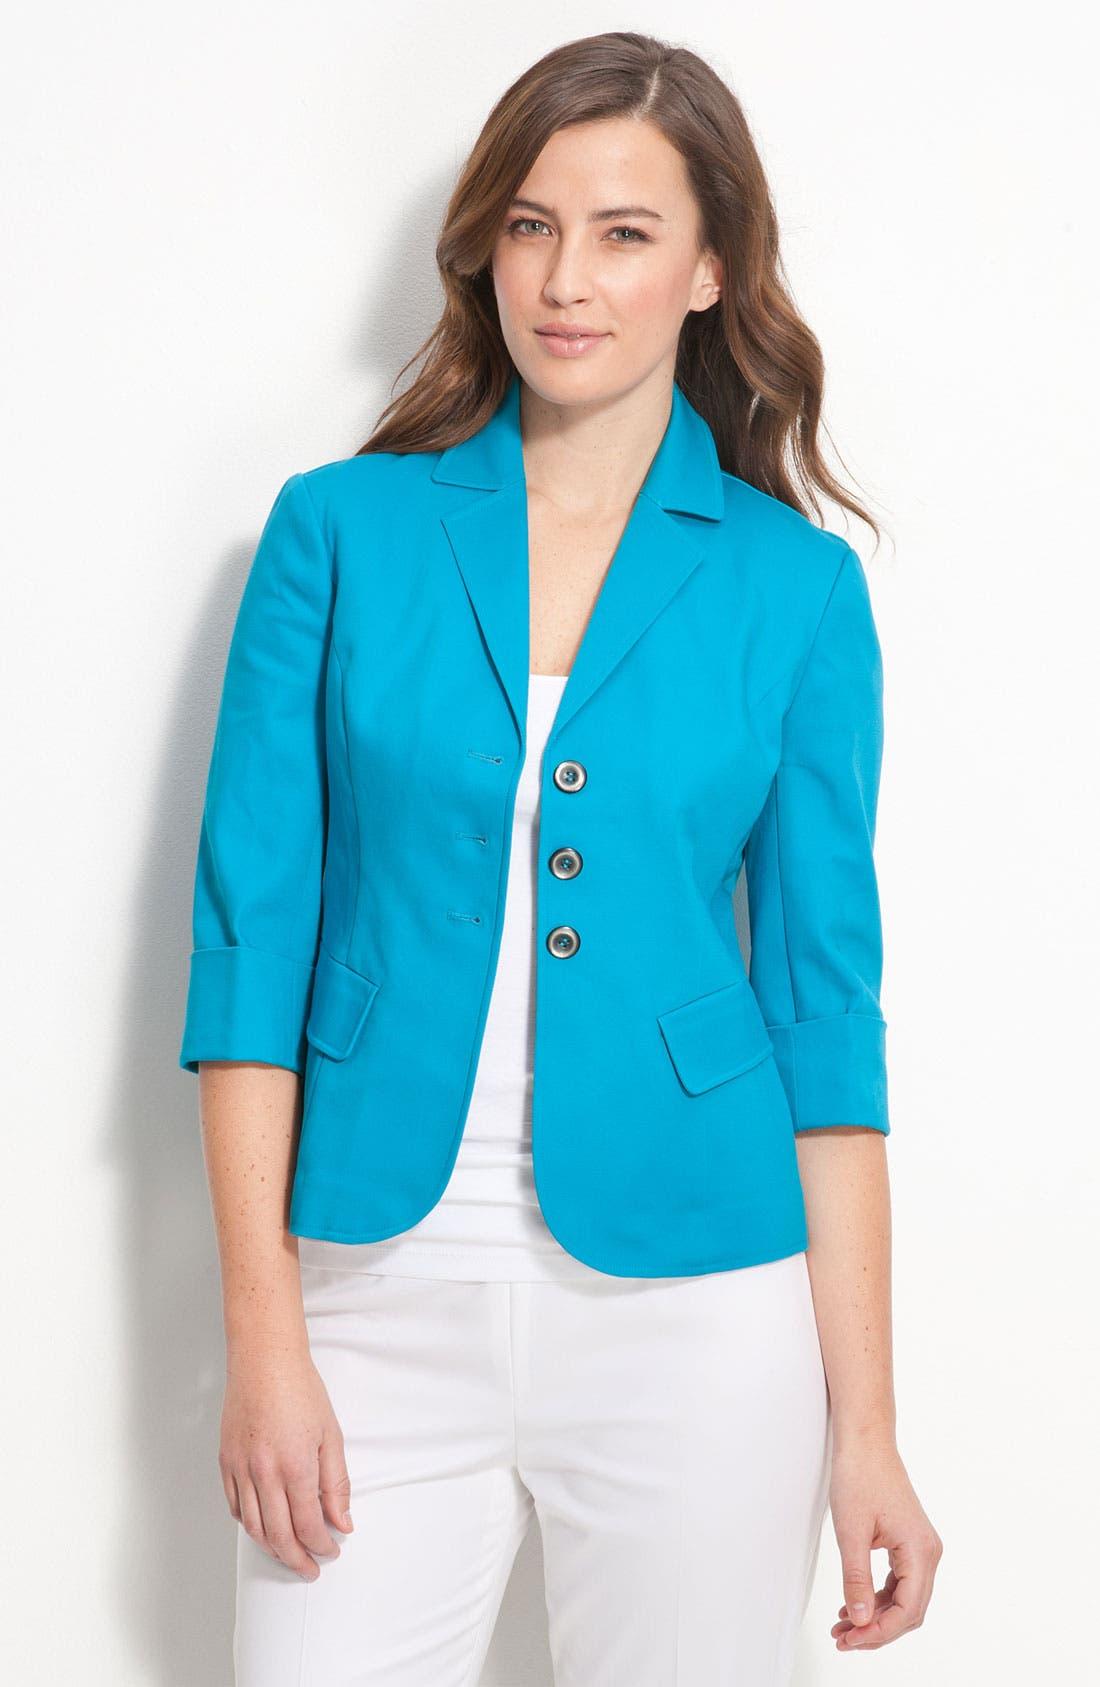 Main Image - Gallia Moda Jacket